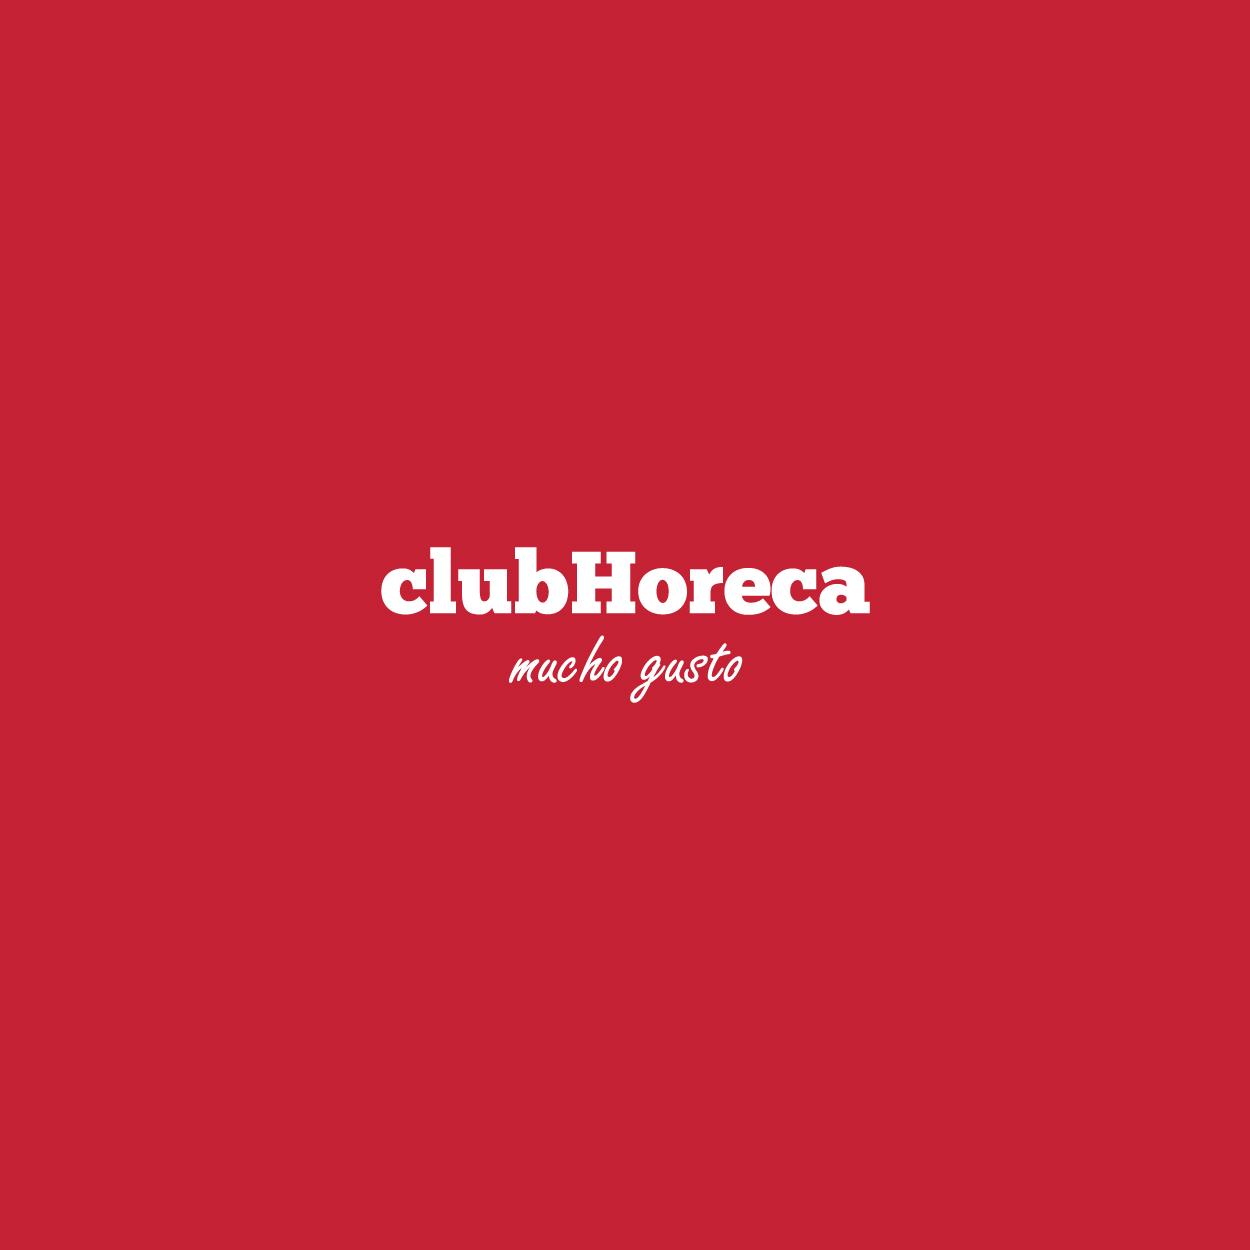 clubhoreca-logo-bg